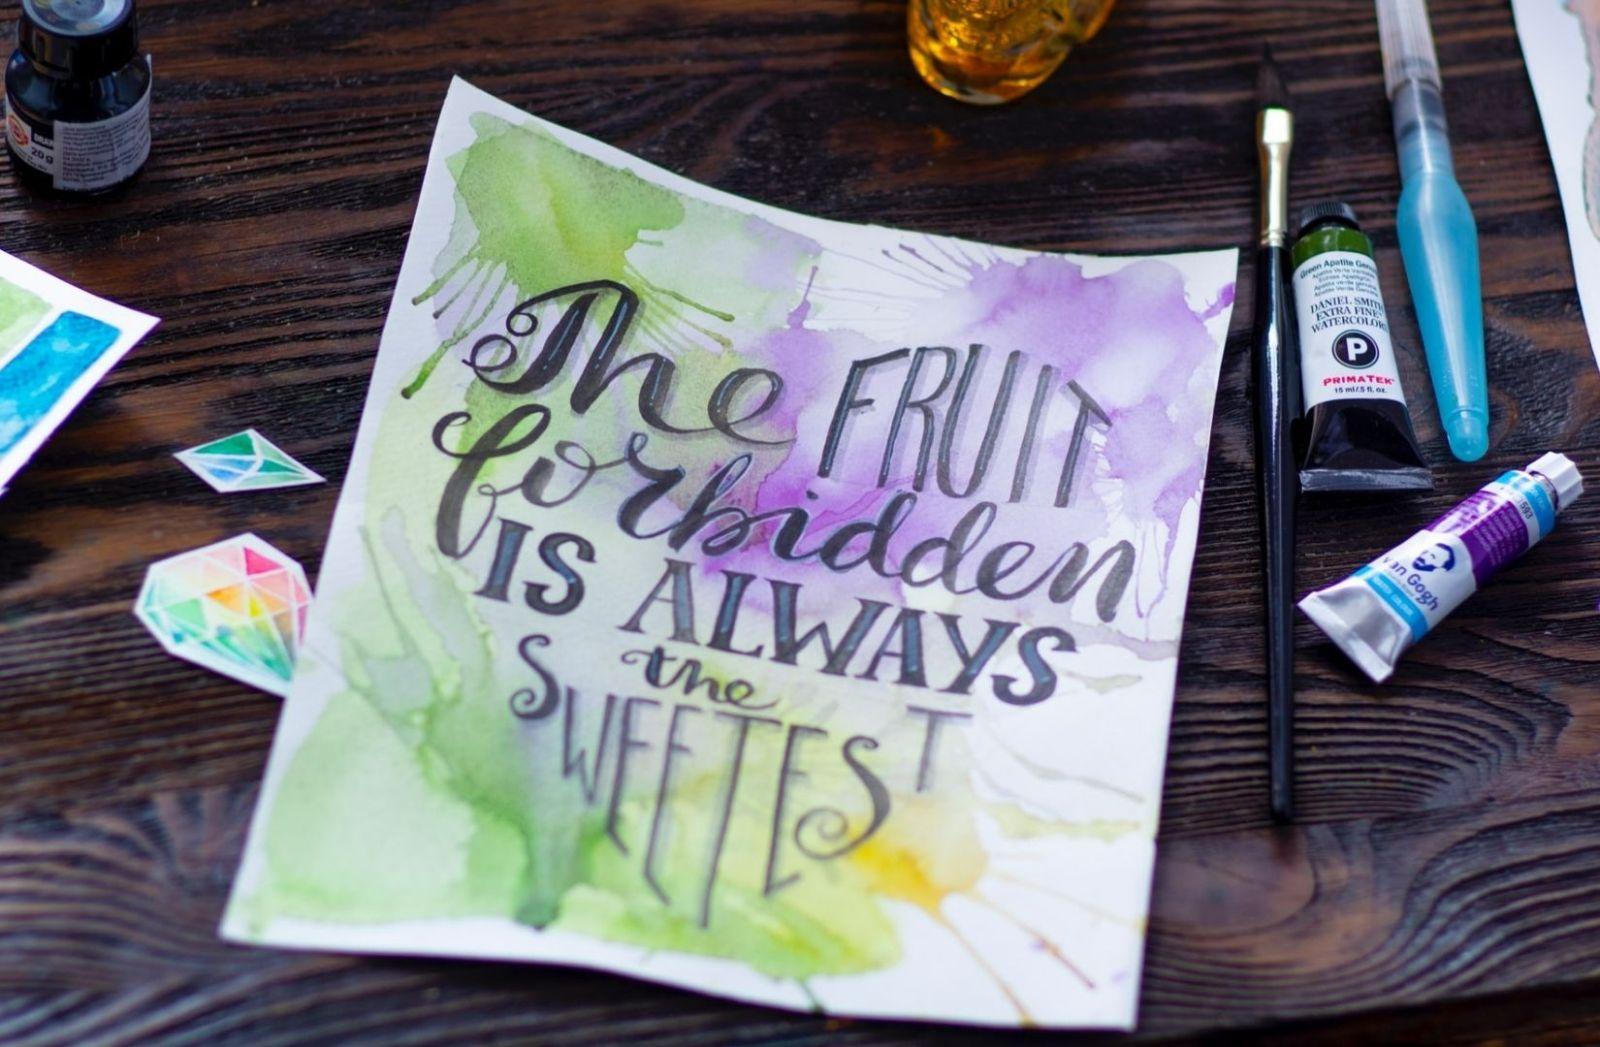 Flo Osrainik kostet die verbotene Frucht. Die verbotene Frucht ist die süßeste. (Foto: Elena Mozhvilo, Unsplash.com)